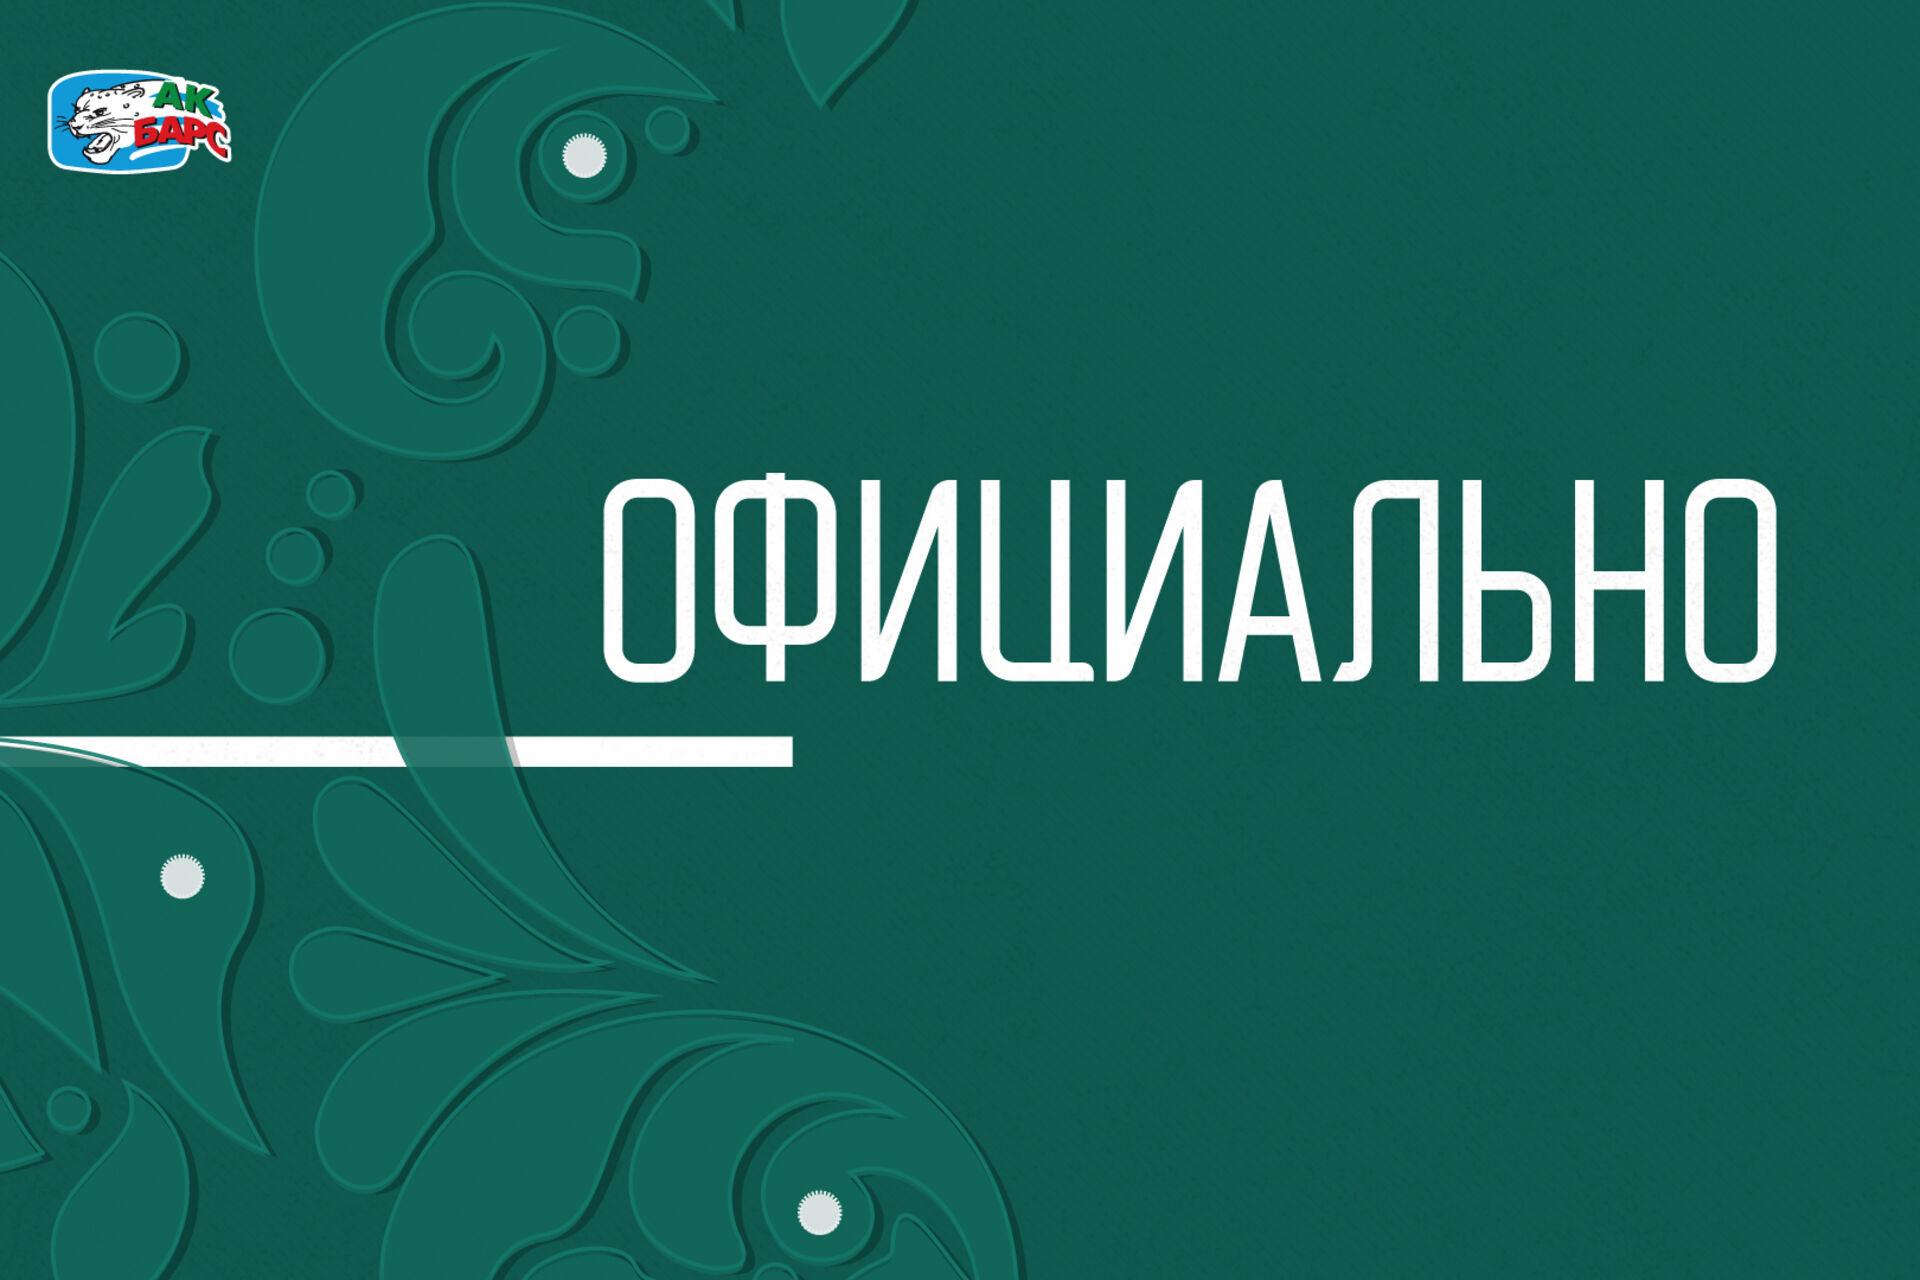 Перенесено время начала двух матчей «Ак Барса». 15.09.2020